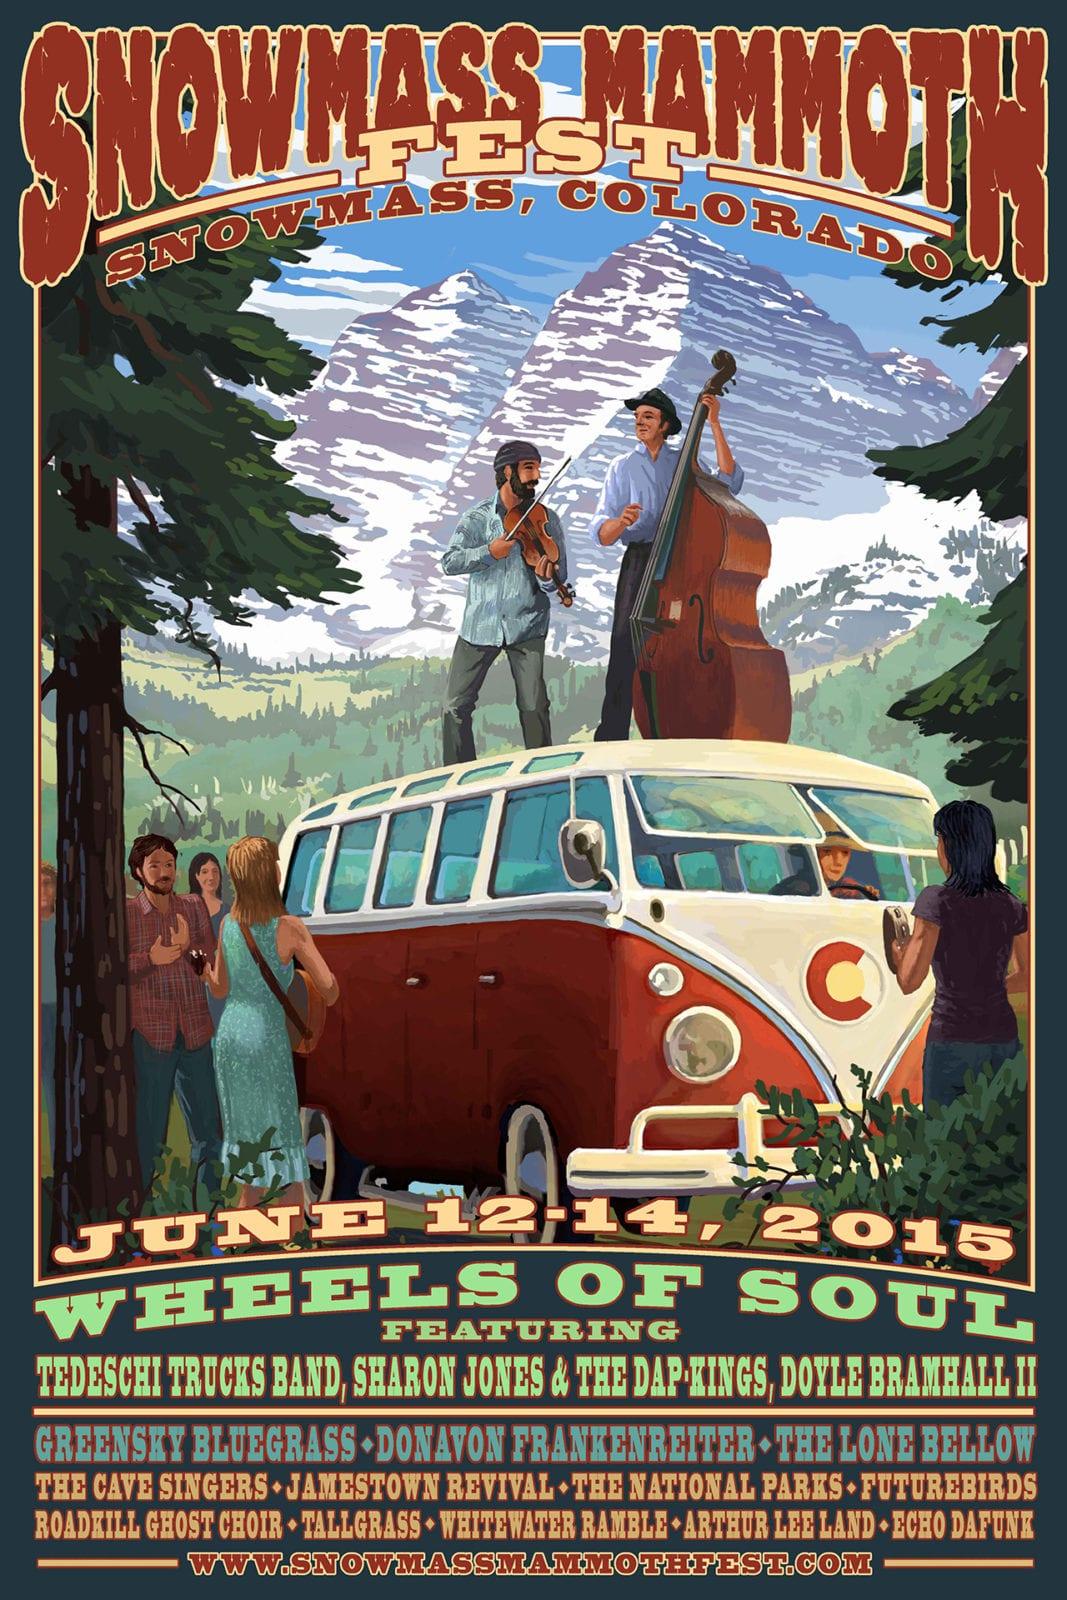 Snowmass Mammoth Fest 2015 Poster